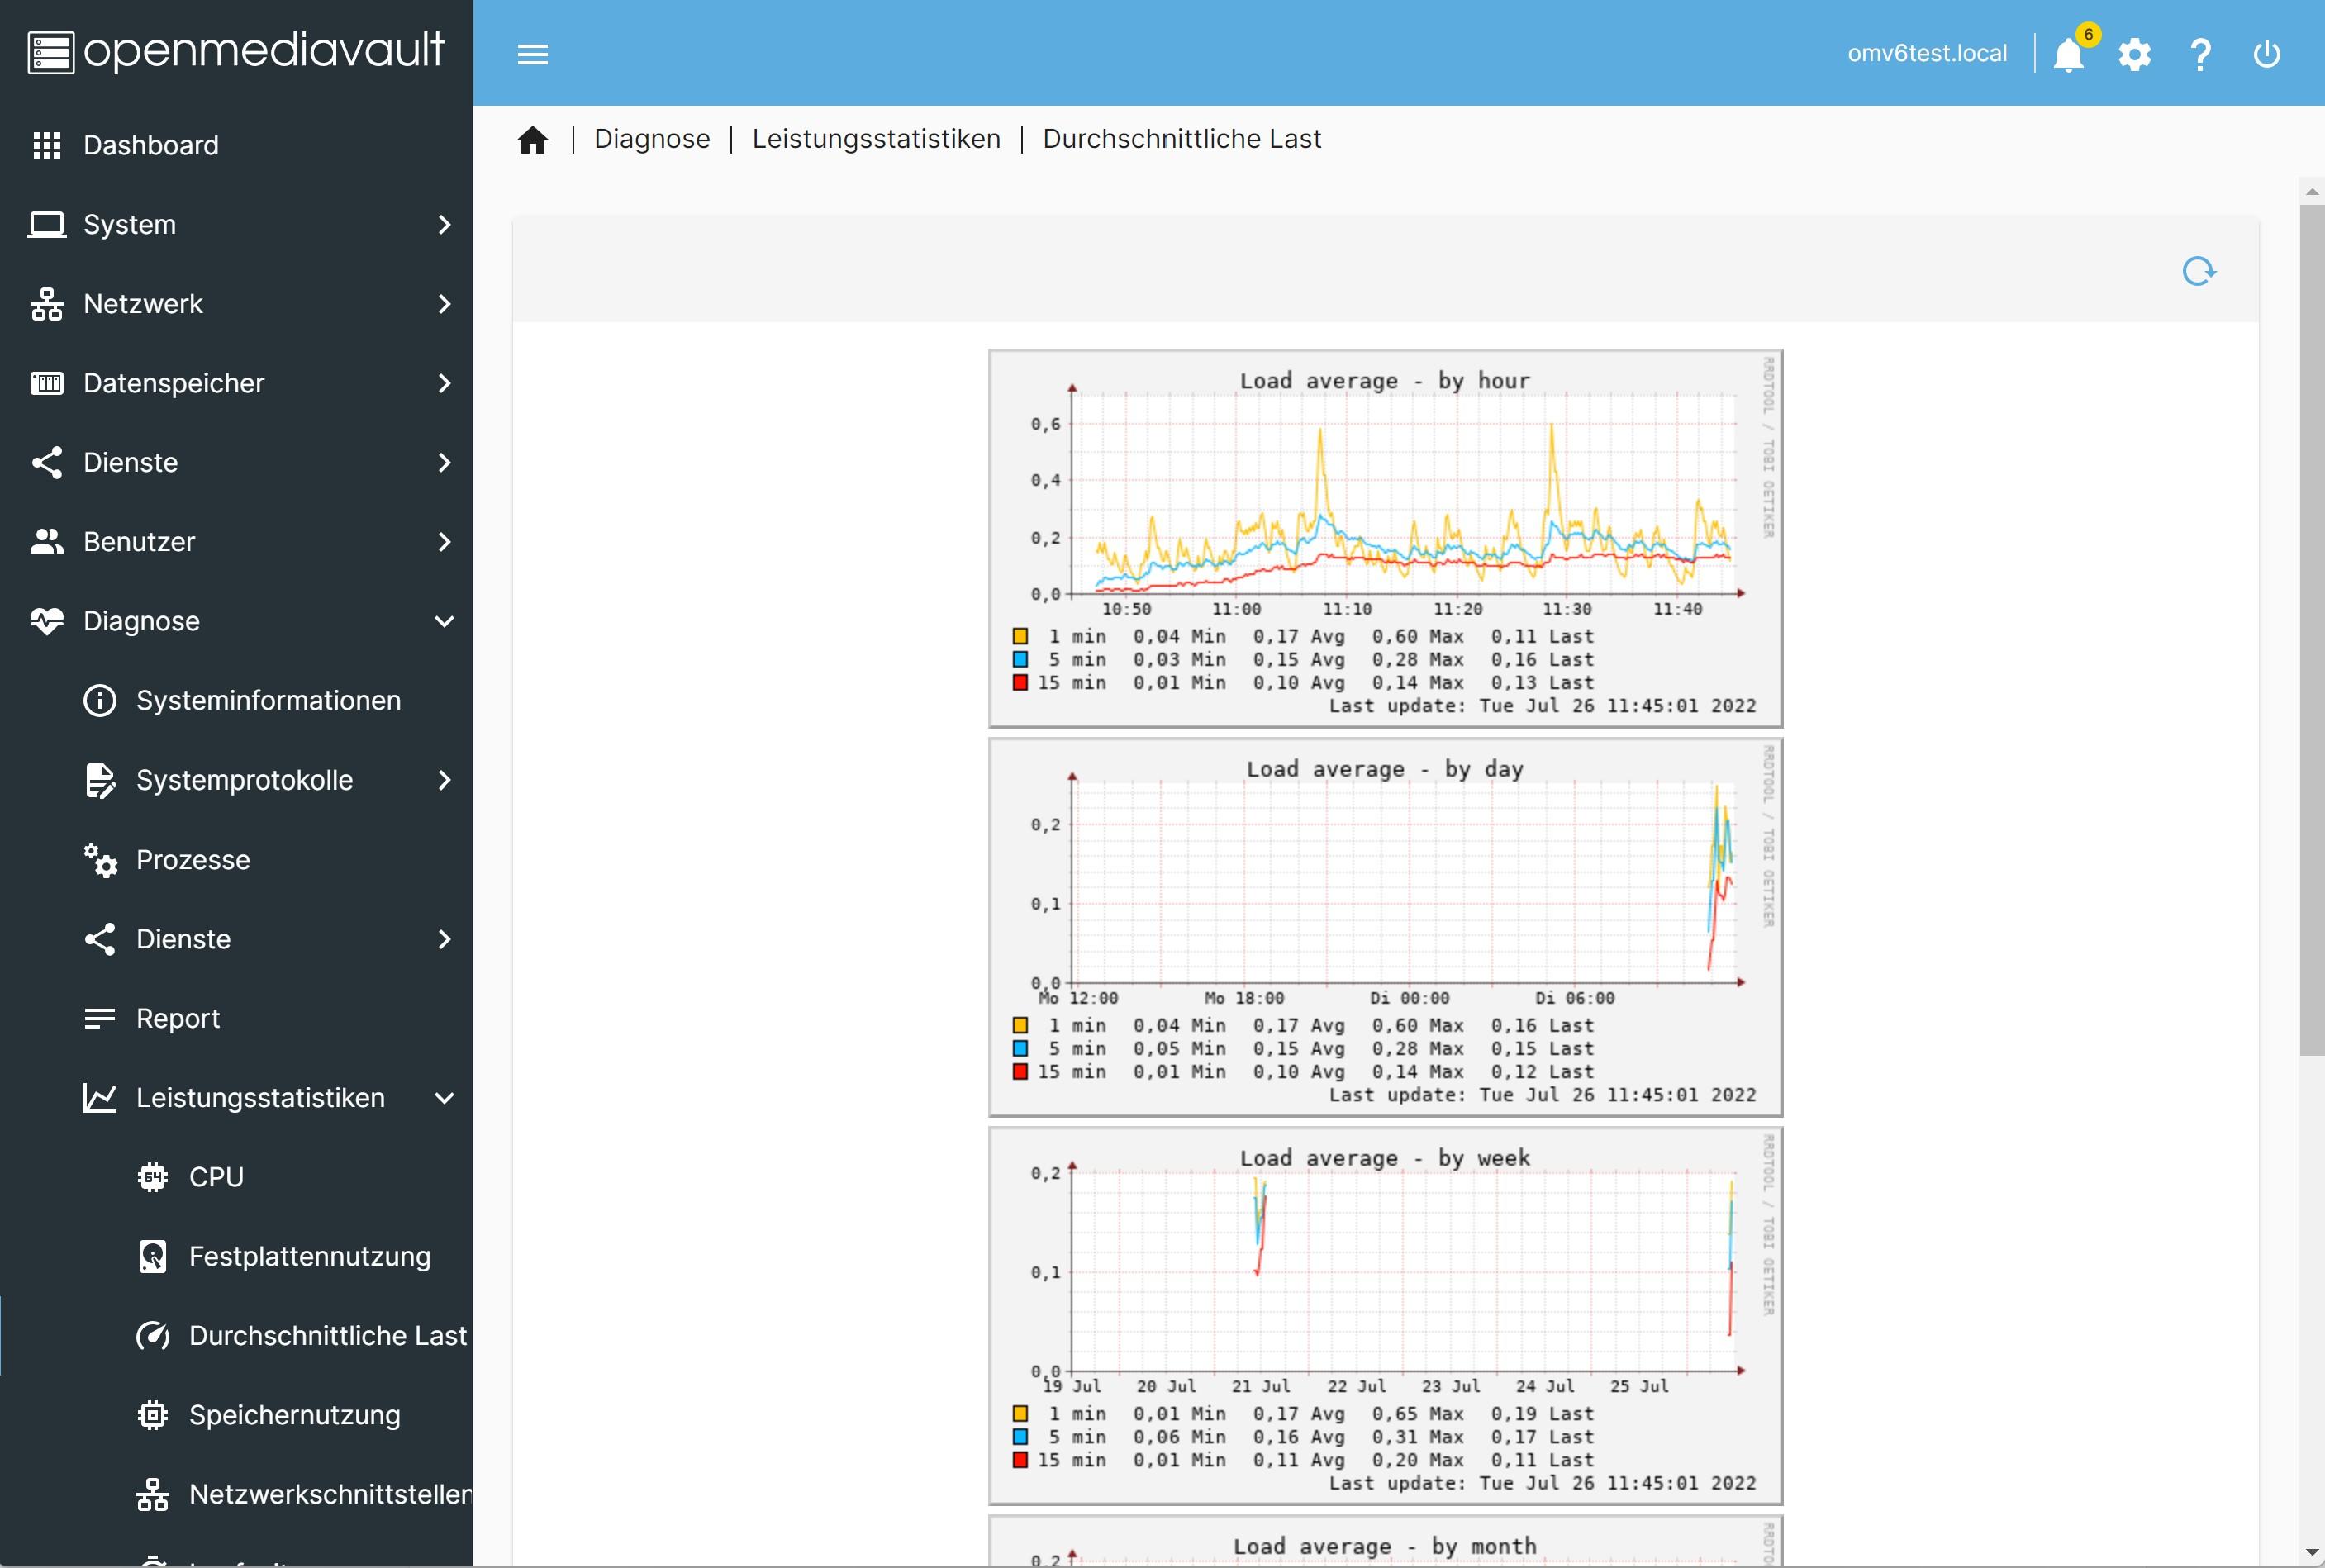 OpenMediaVault - Komplettanleitung zur Installation und